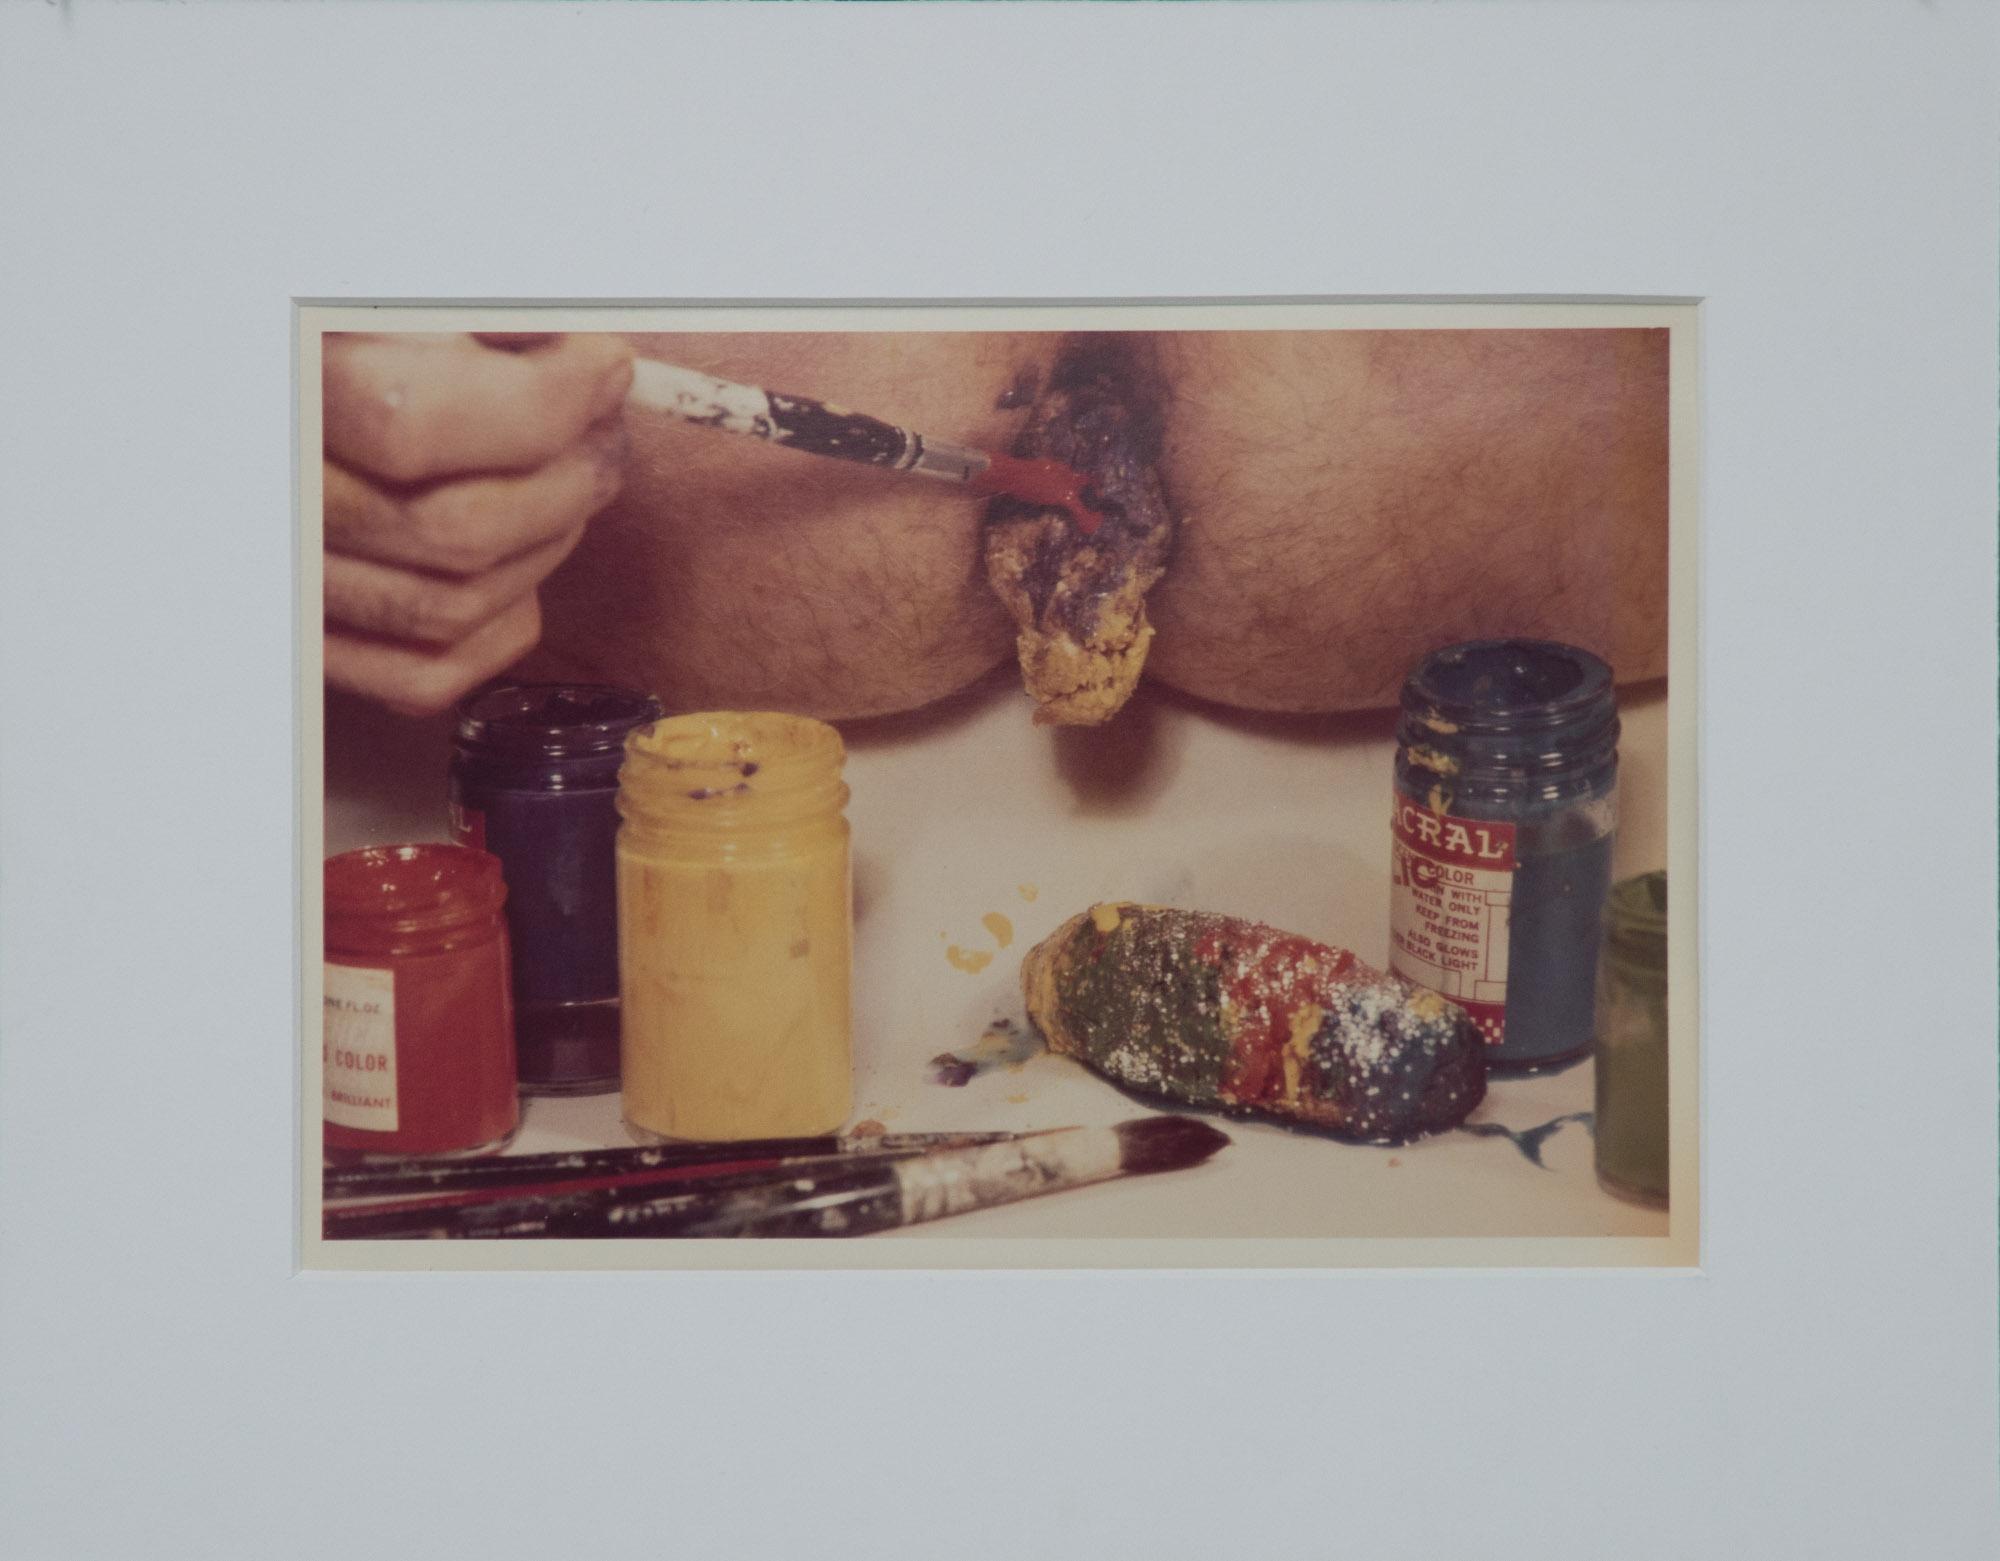 Theodore Titolo,  The Birth of Art , 1990, c-print, 11 x 14 in